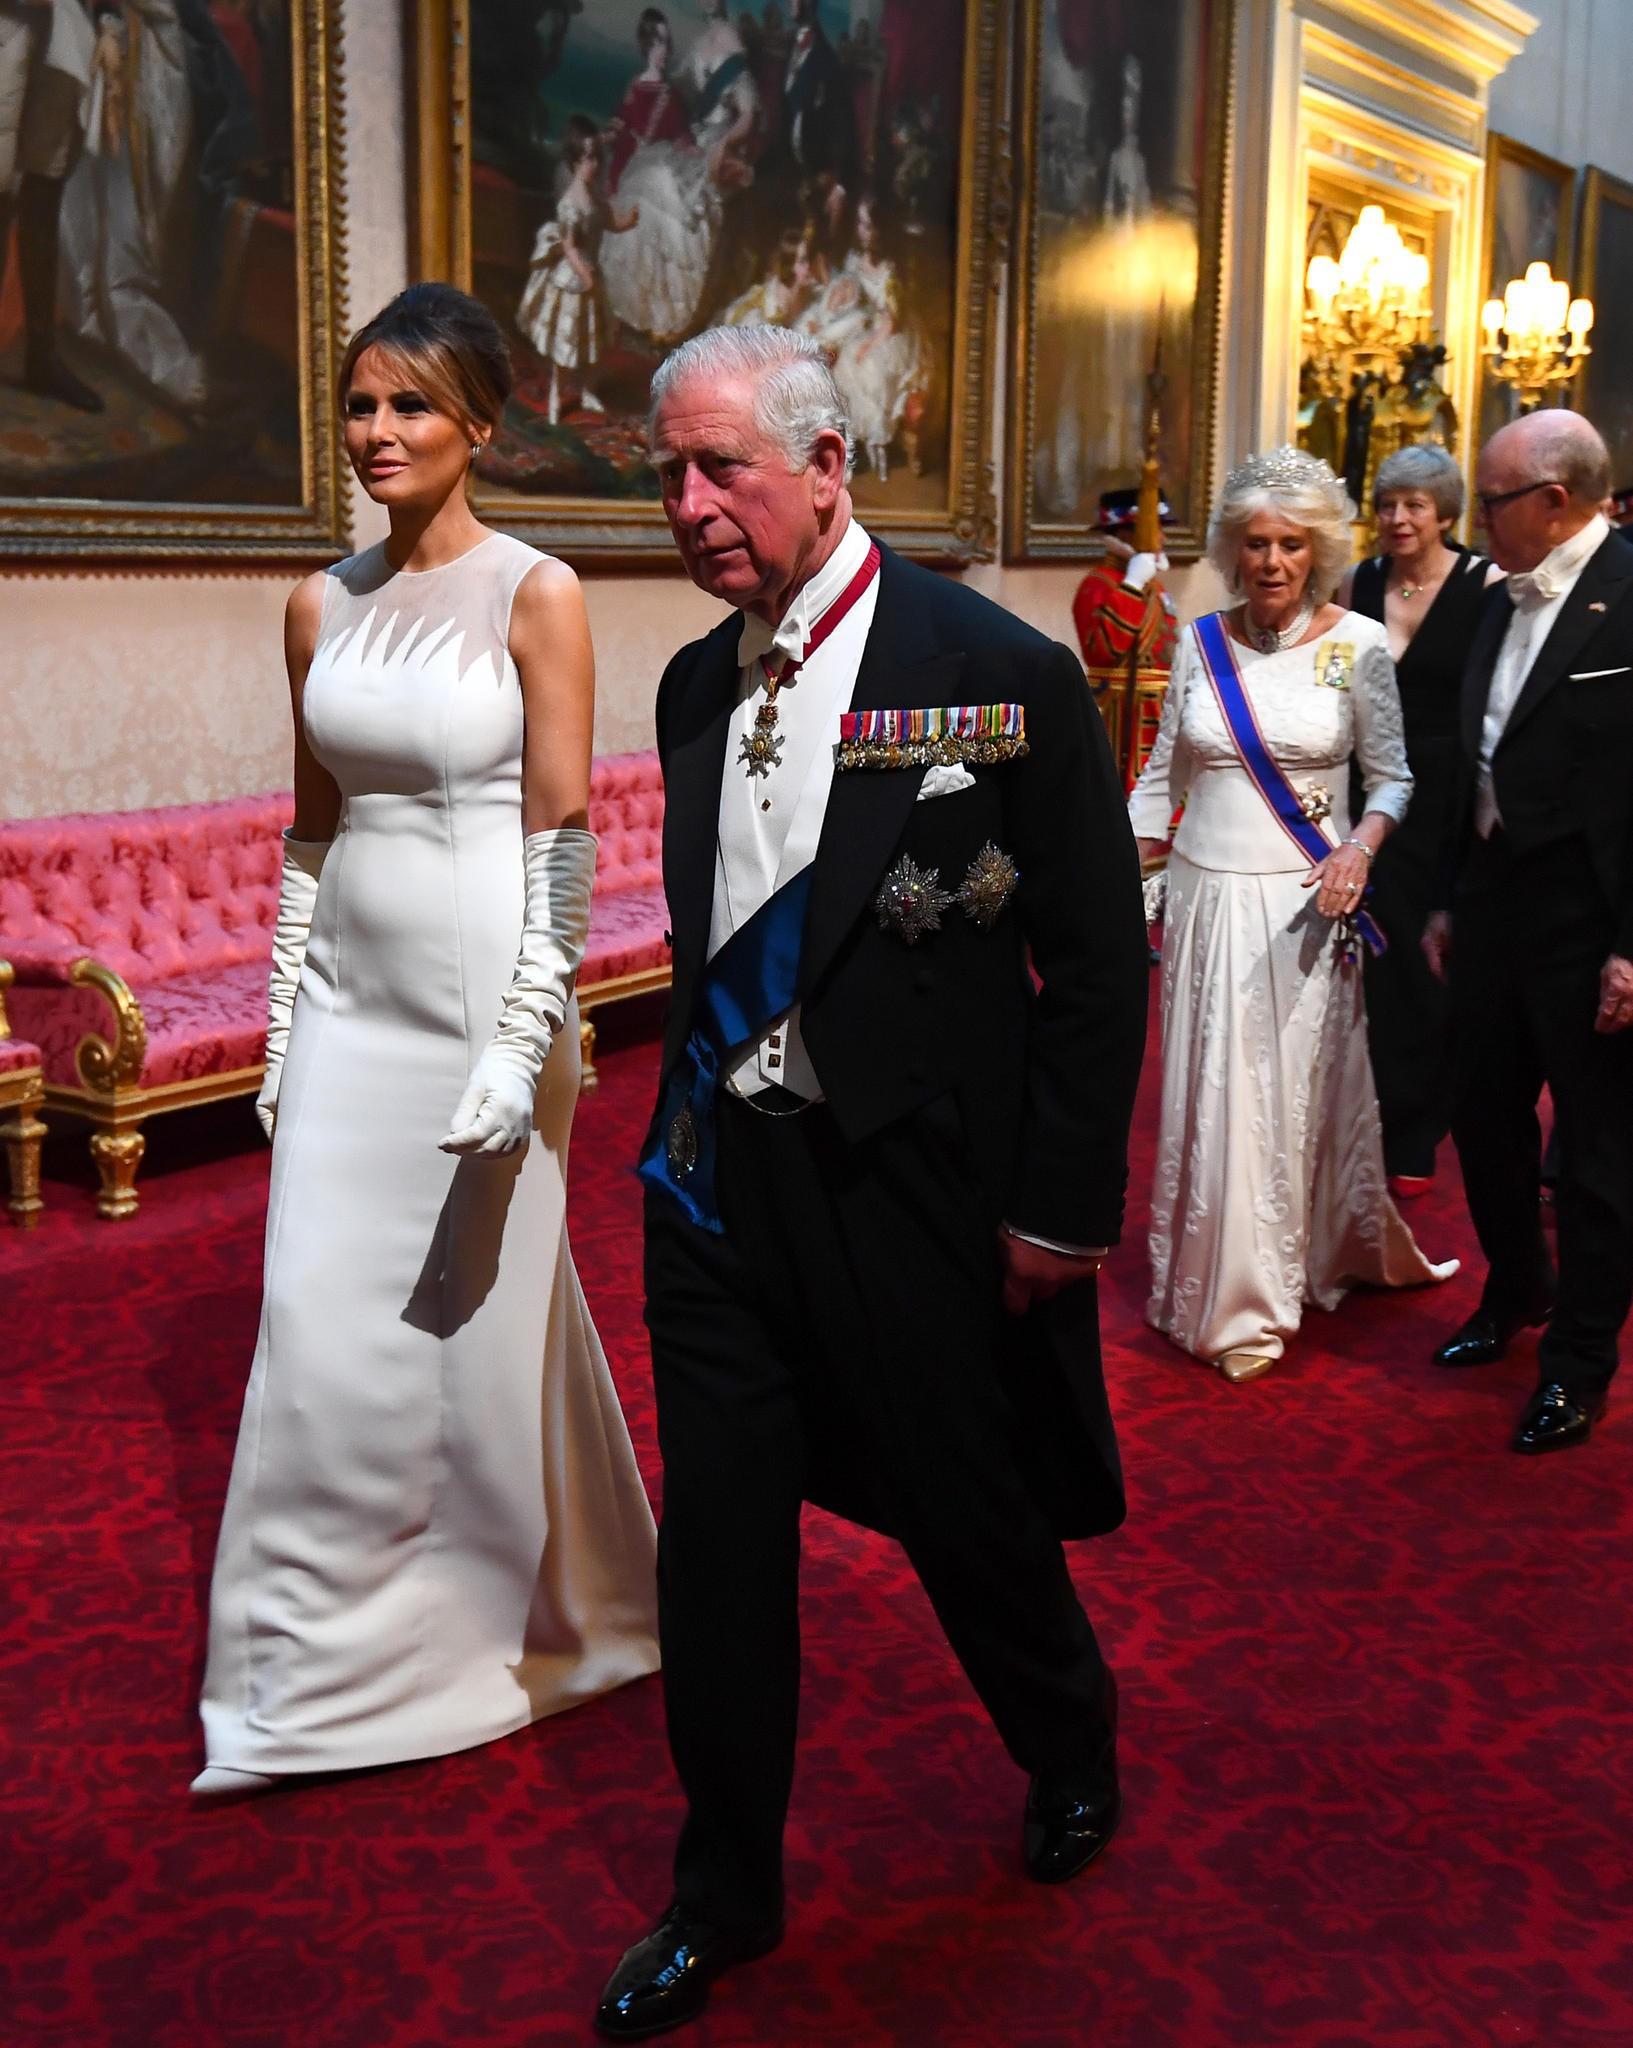 Cùng là diện đồ trắng: Bà Melania Trump được khen hết lời, Công nương Kate lại gây thất vọng - Ảnh 2.